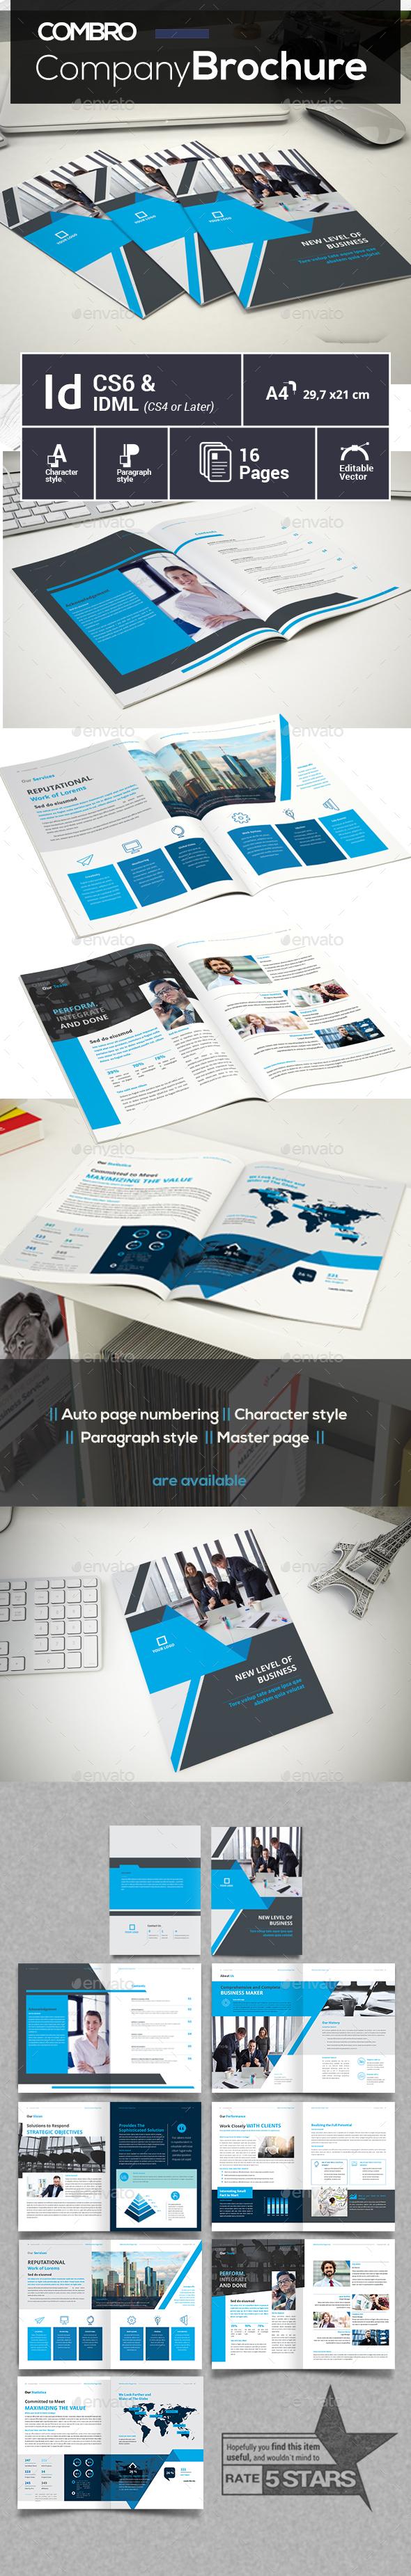 GraphicRiver Company Brochure 21148841